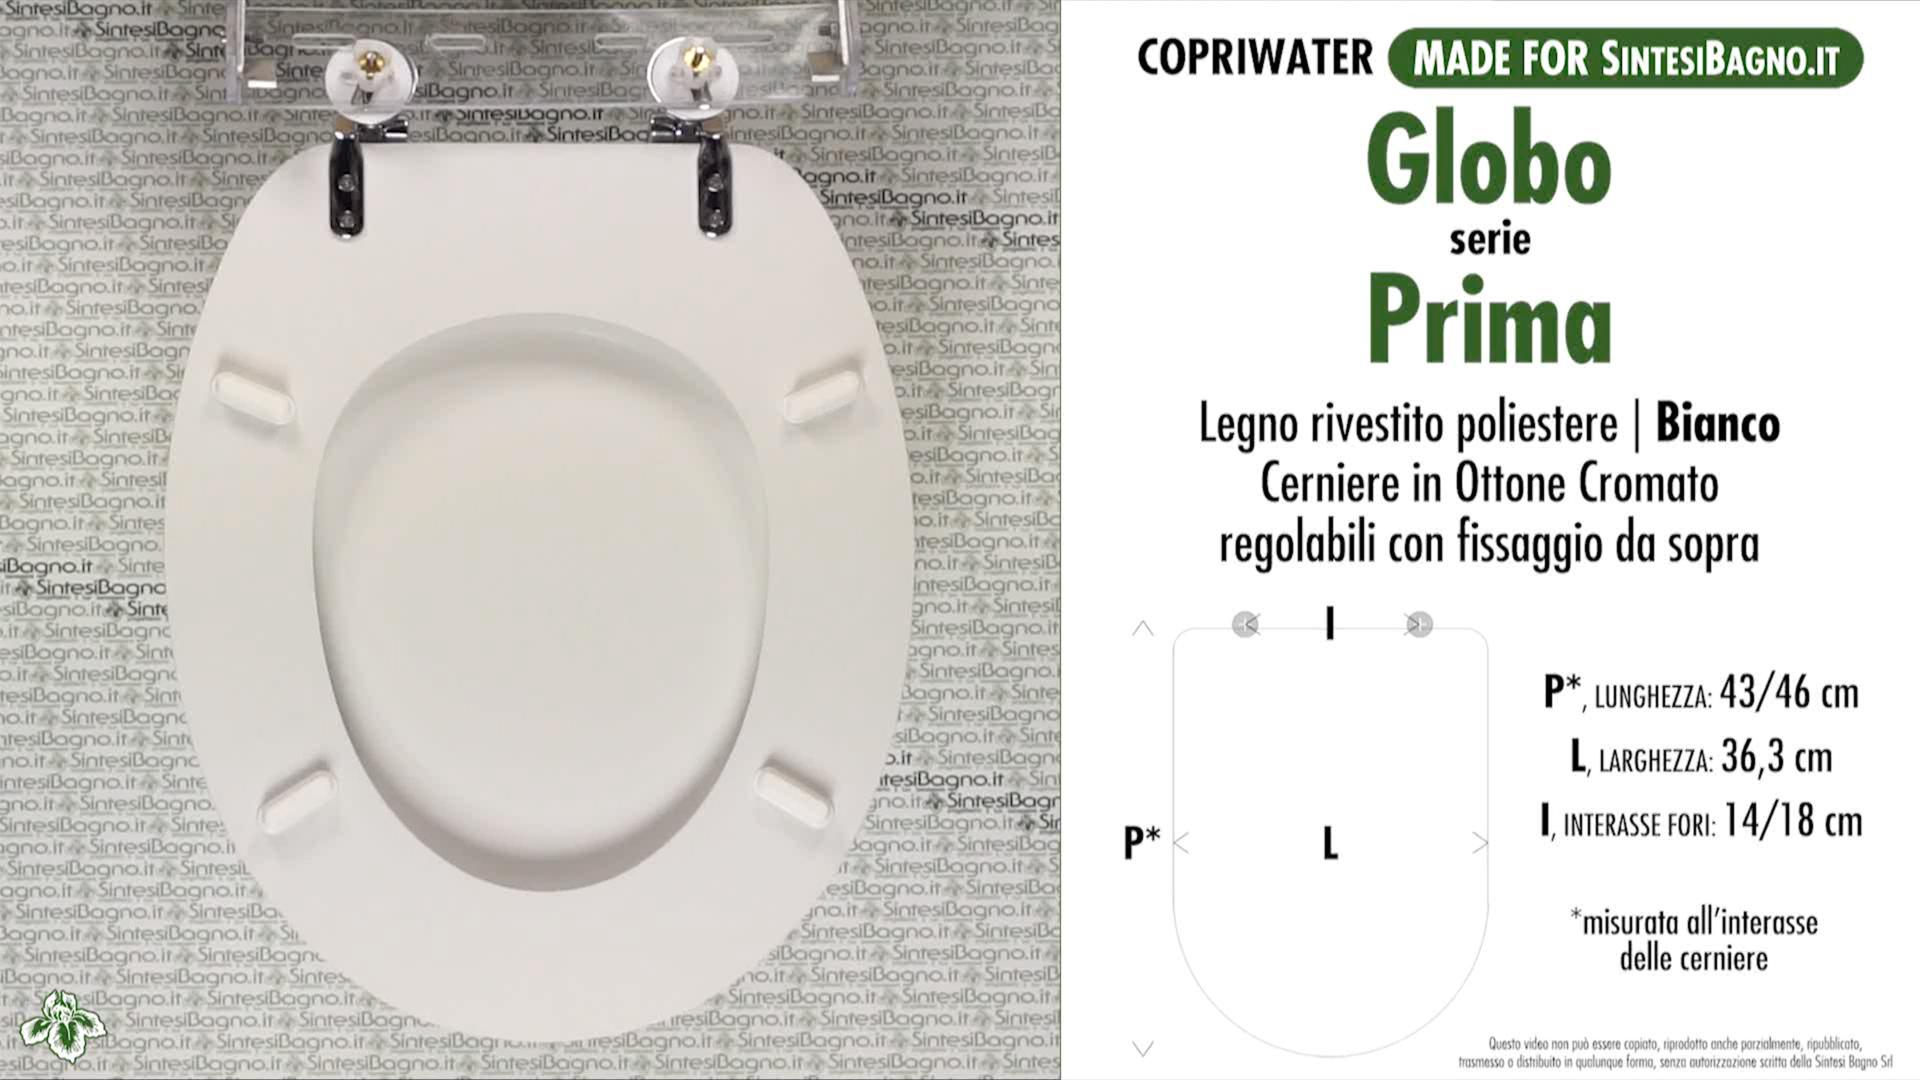 SCHEDA TECNICA MISURE copriwater GLOBO PRIMA